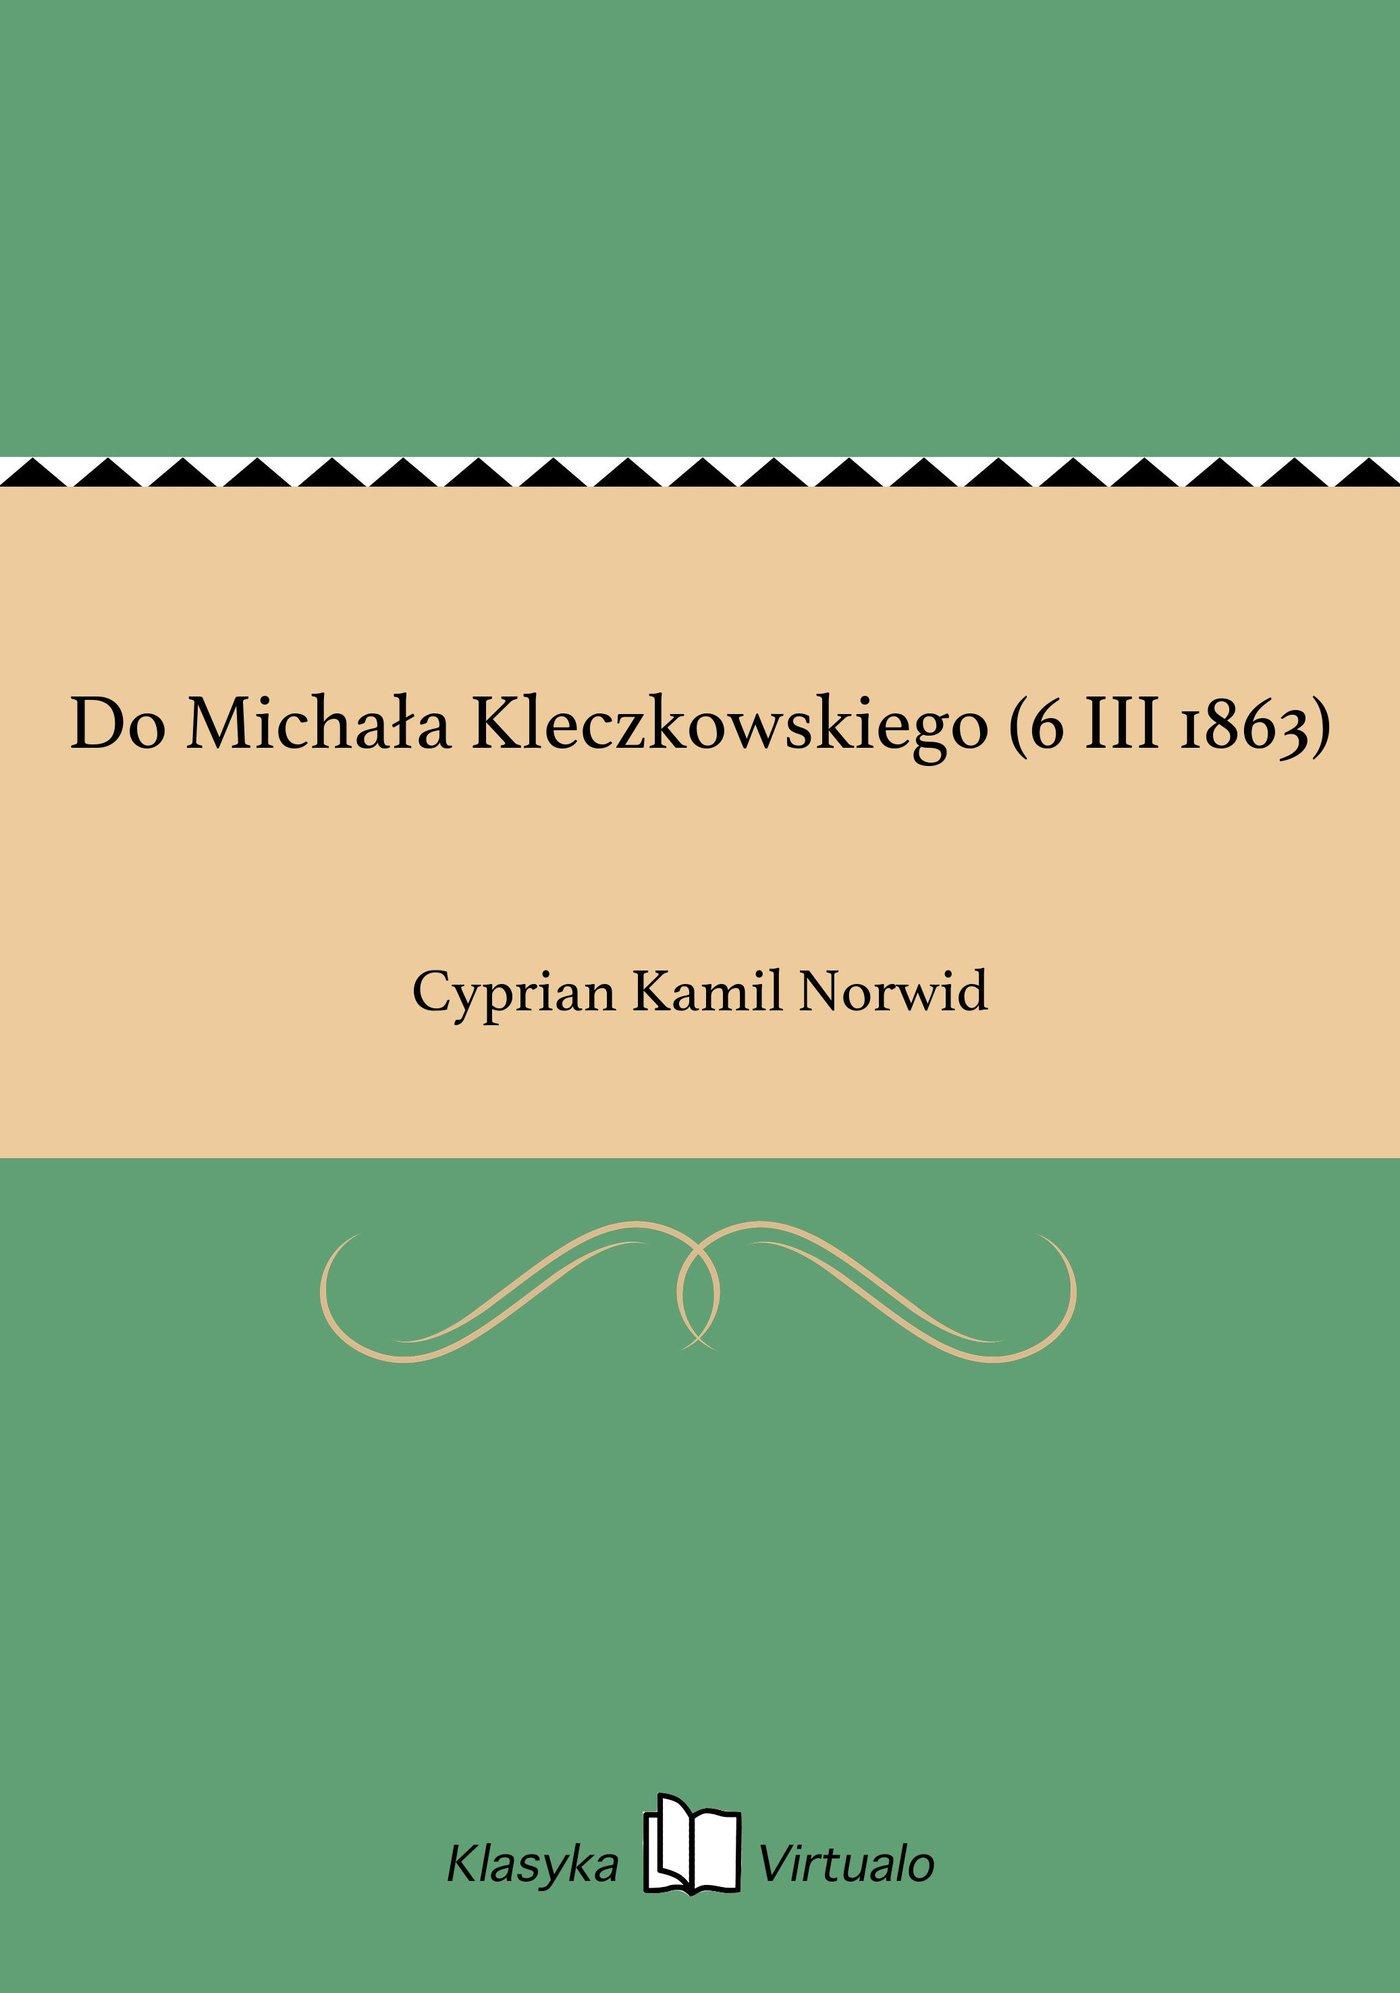 Do Michała Kleczkowskiego (6 III 1863) - Ebook (Książka na Kindle) do pobrania w formacie MOBI